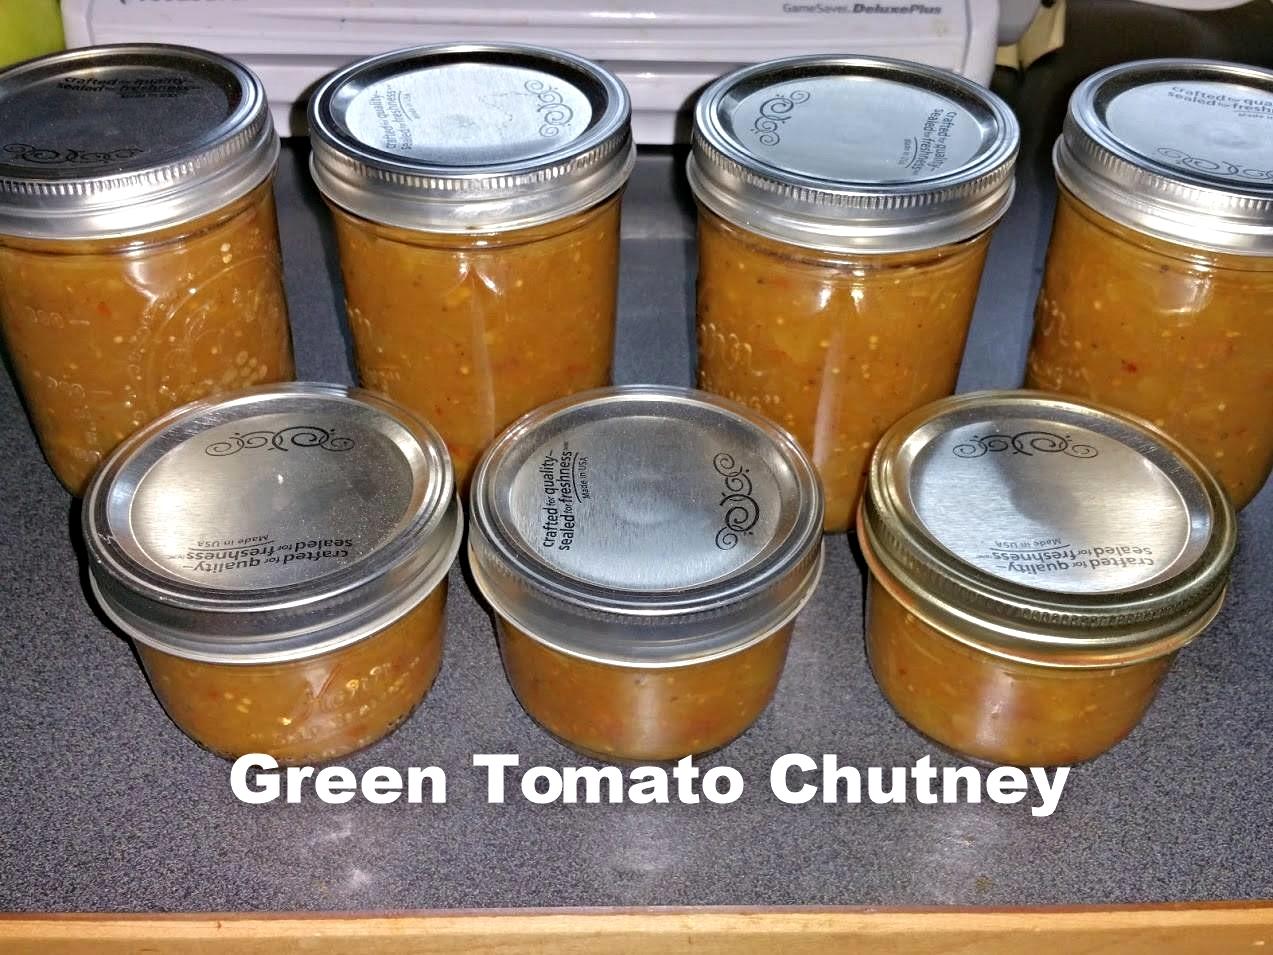 Green Tomato Chutney.jpg